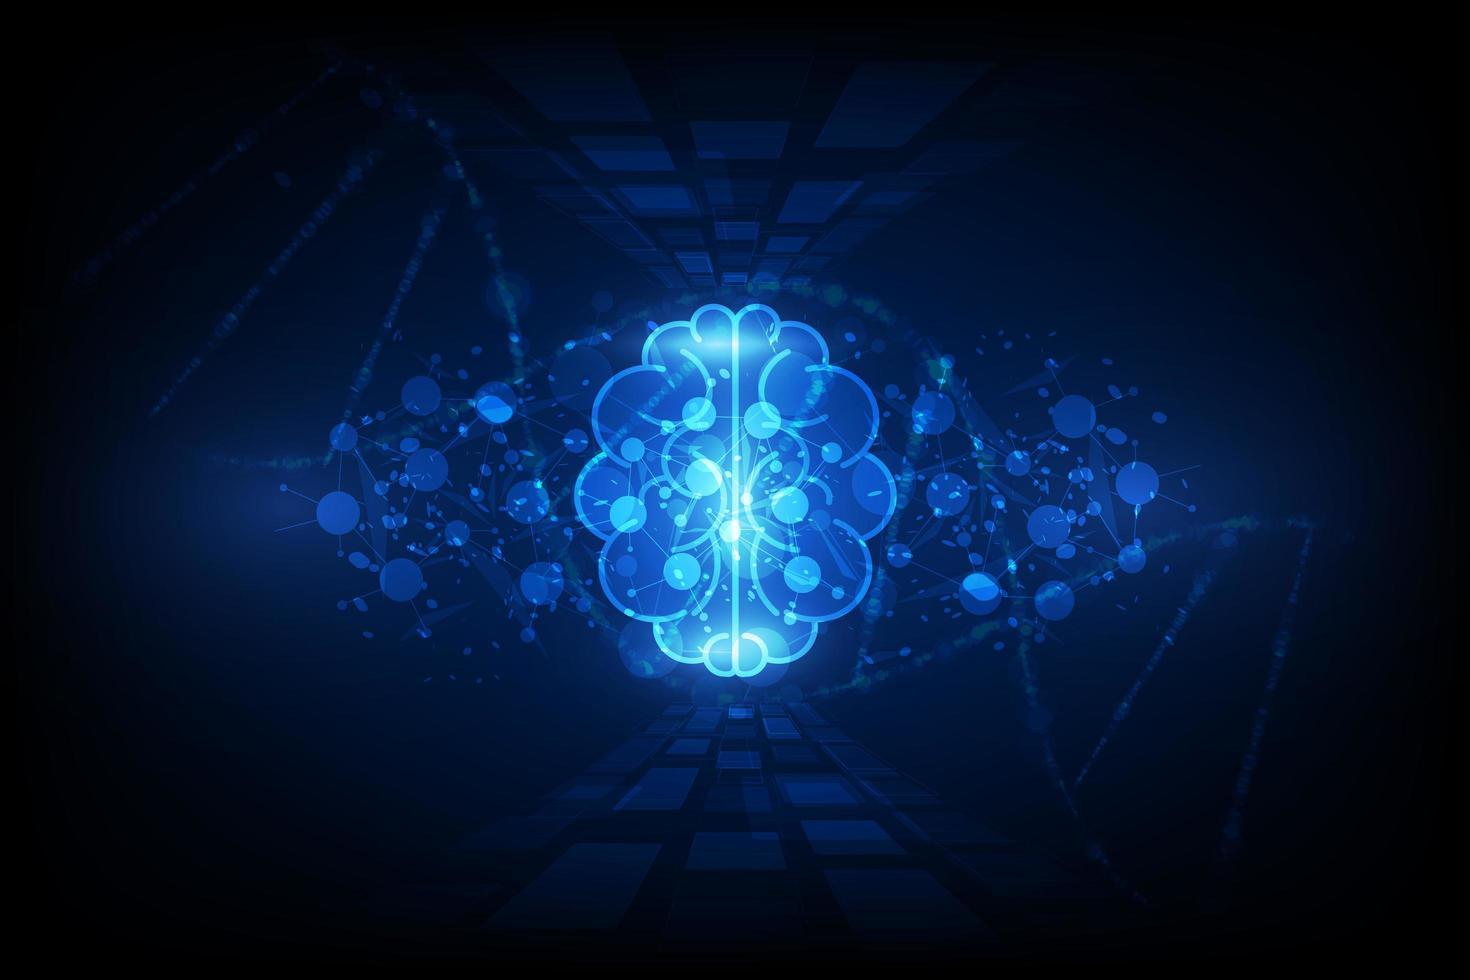 cerveau humain abstrait sur fond de technologie vecteur